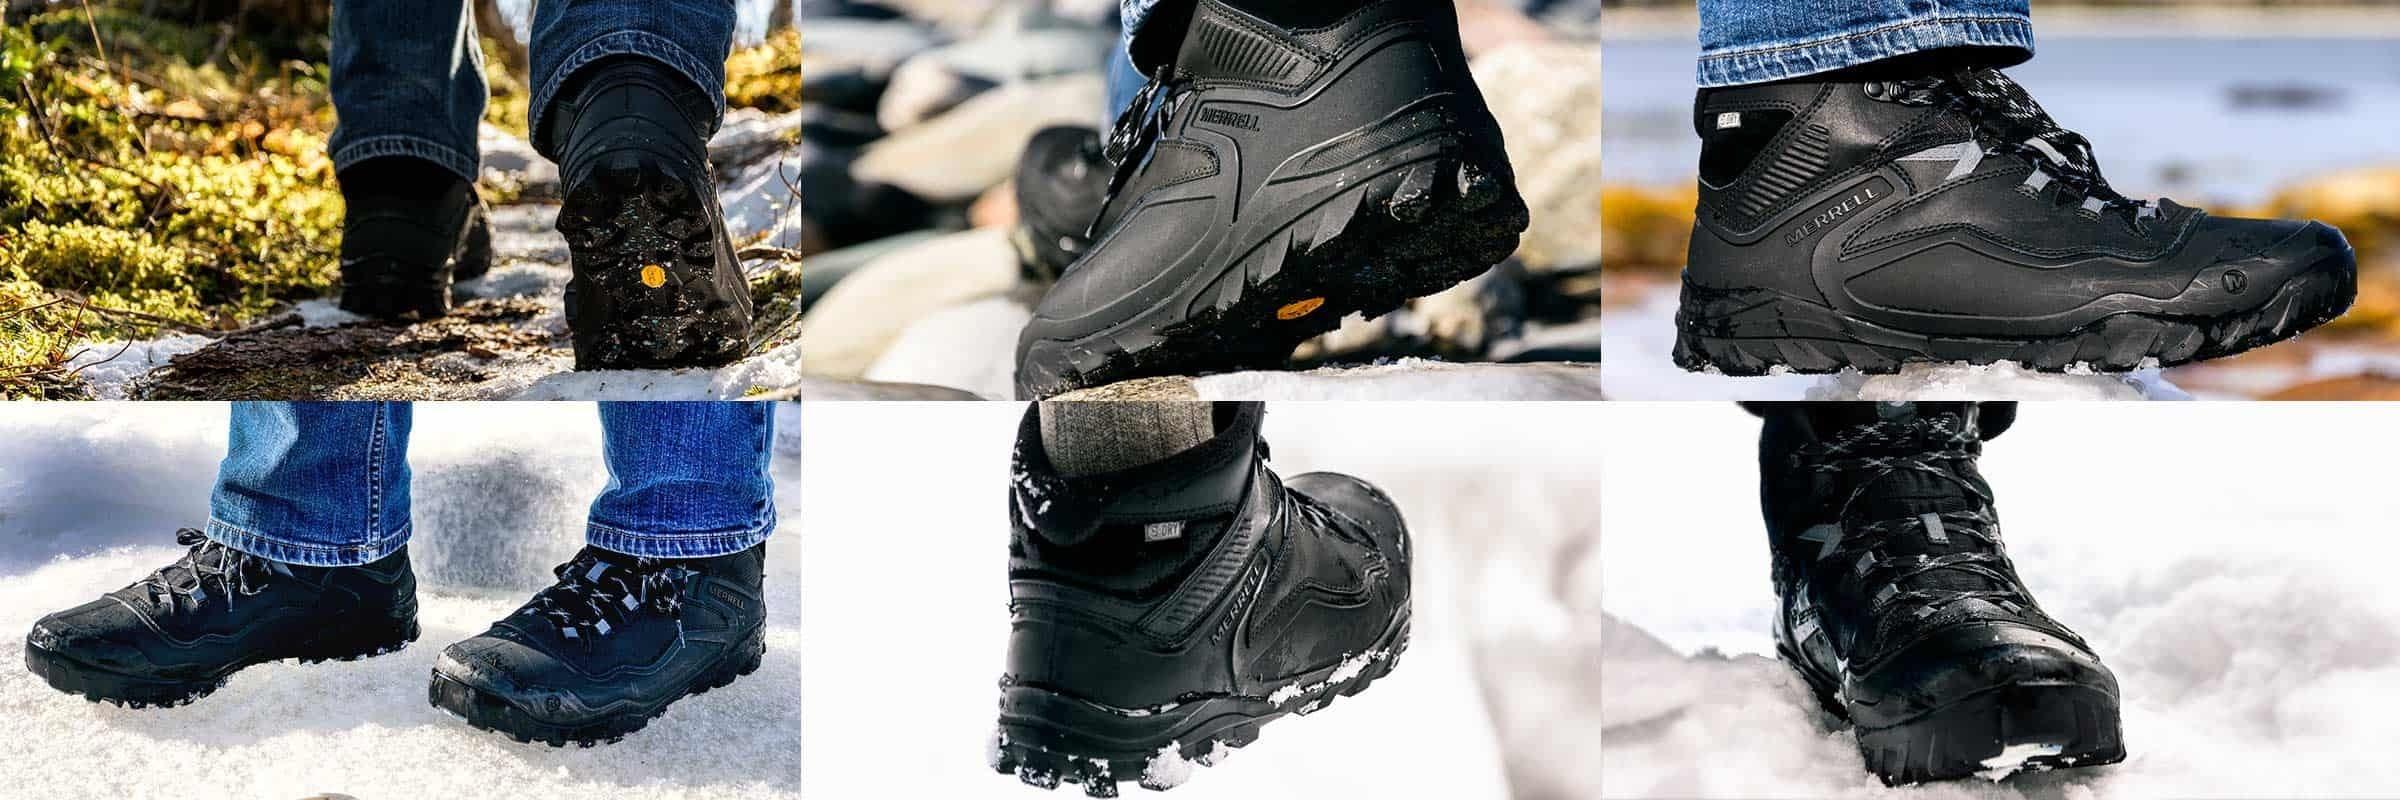 260e7451aa3 Merrell Men's Overlook 6+Ice Boots Reviewed | Altitude Blog